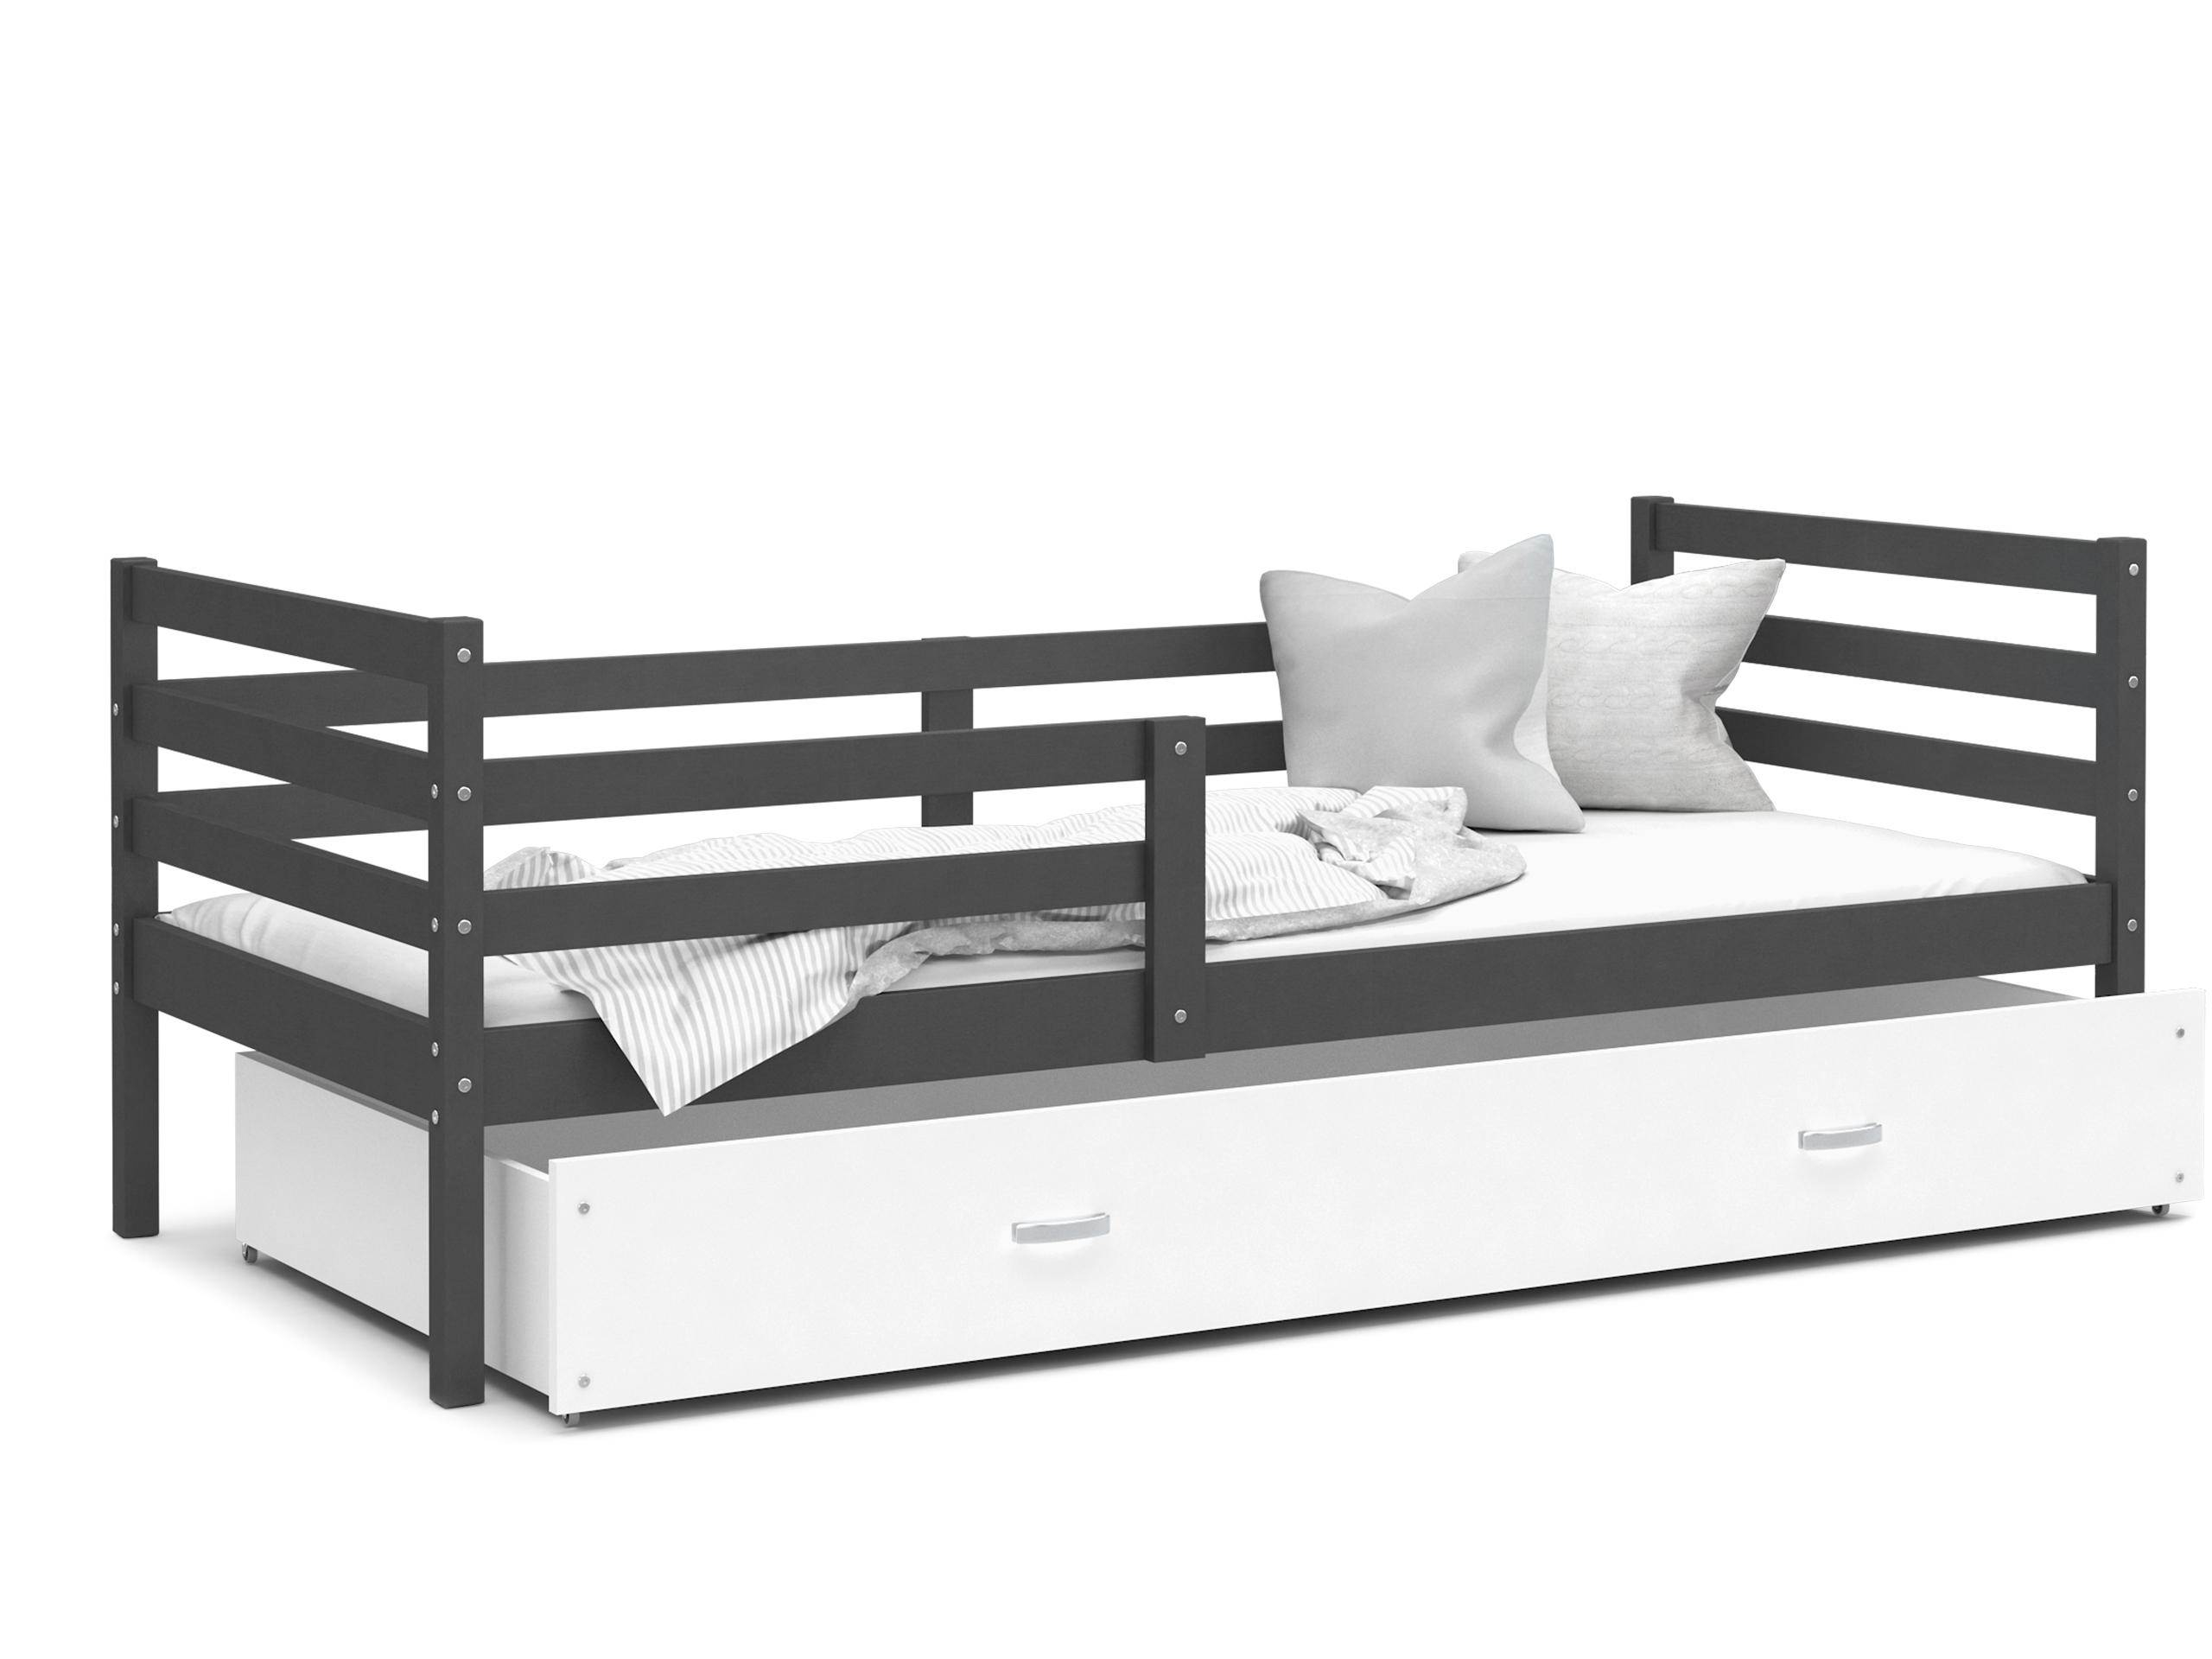 ArtAJ Detská posteľ JACEK P | 190 x 80 cm Farba: Sivá / biela, Prevedenie: bez matraca, Rozmer.: MDF